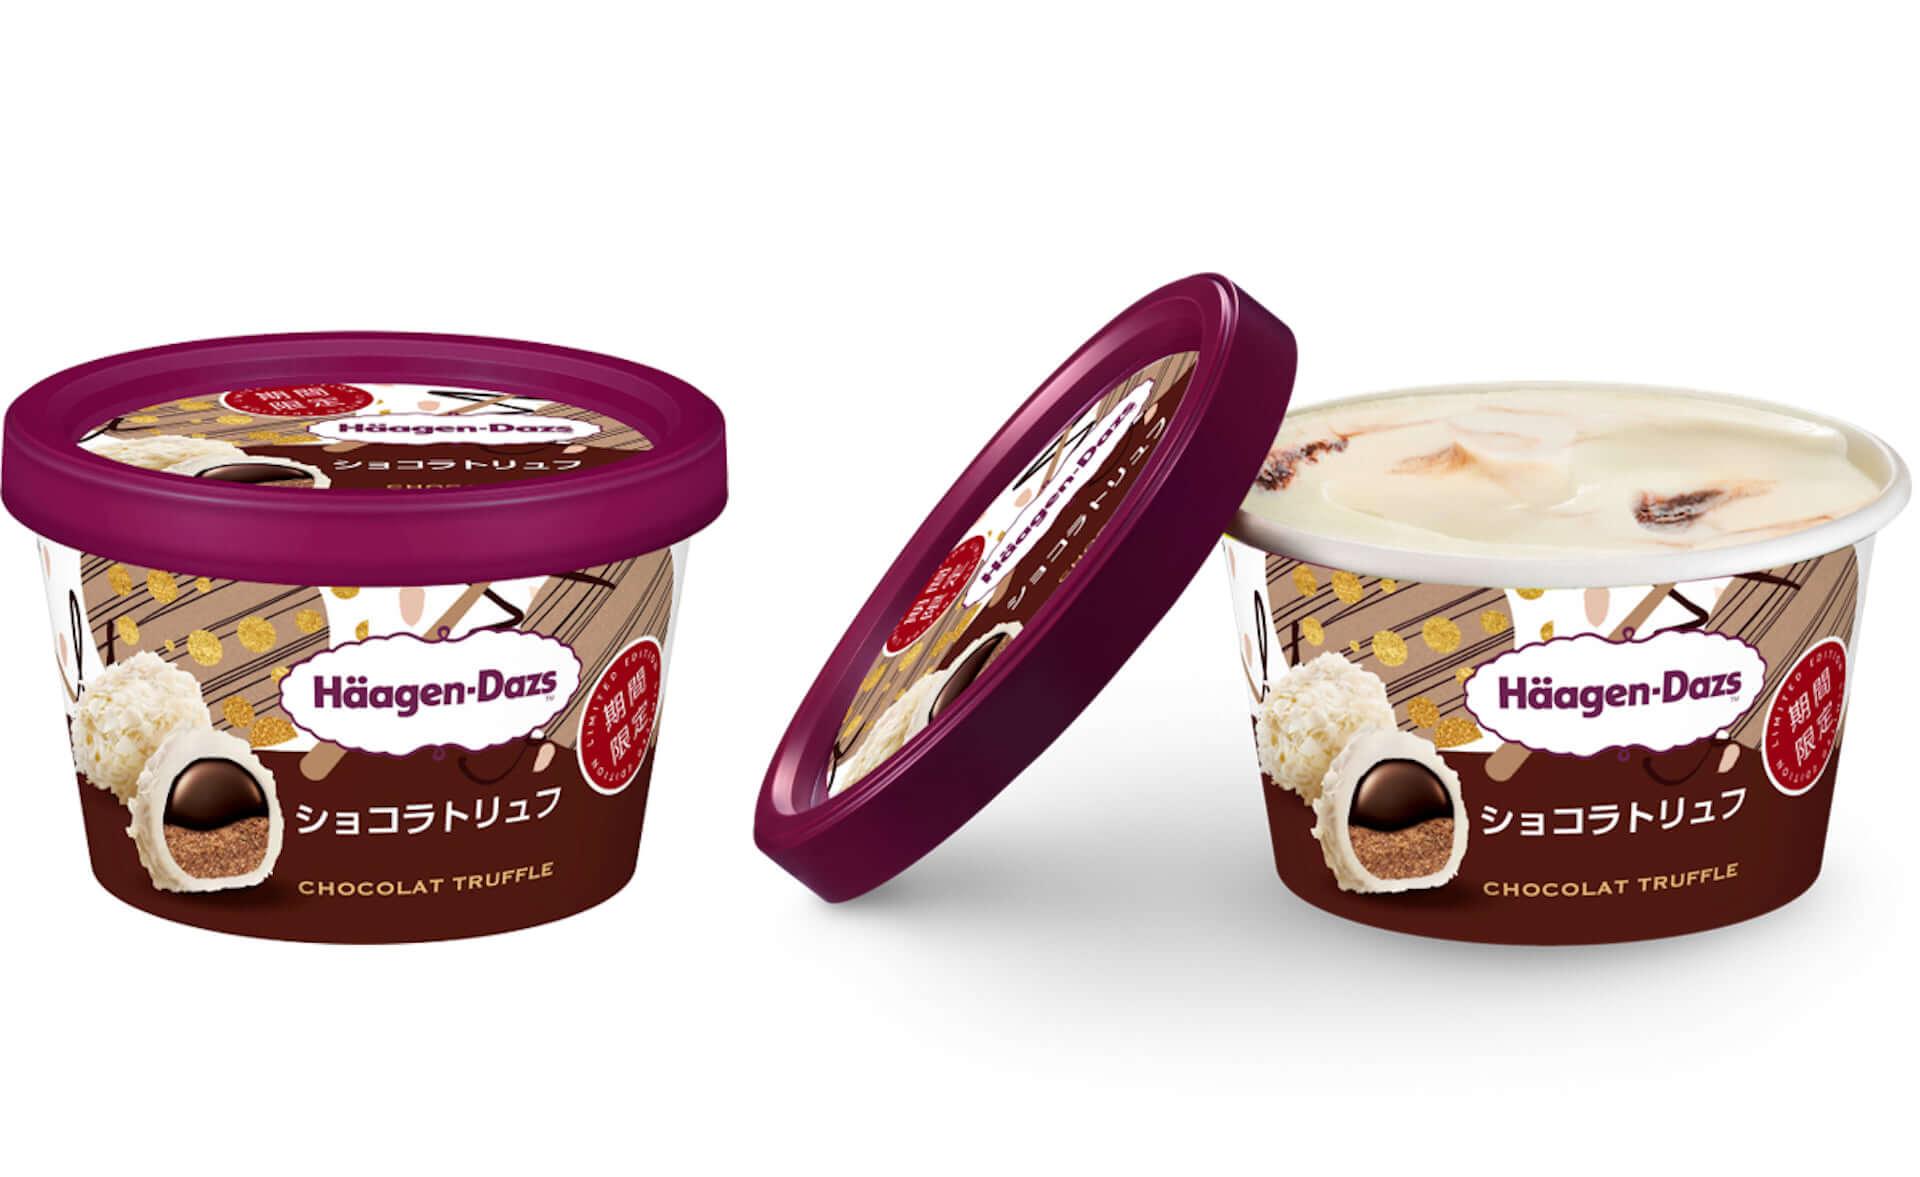 ハーゲンダッツから3種のチョコレートを使用したミニカップ『ショコラトリュフ』が登場!アイスクリーム詰め合わせが当たるキャンペーンも実施 gourmet201116_haagen-dazs_2-1920x1177